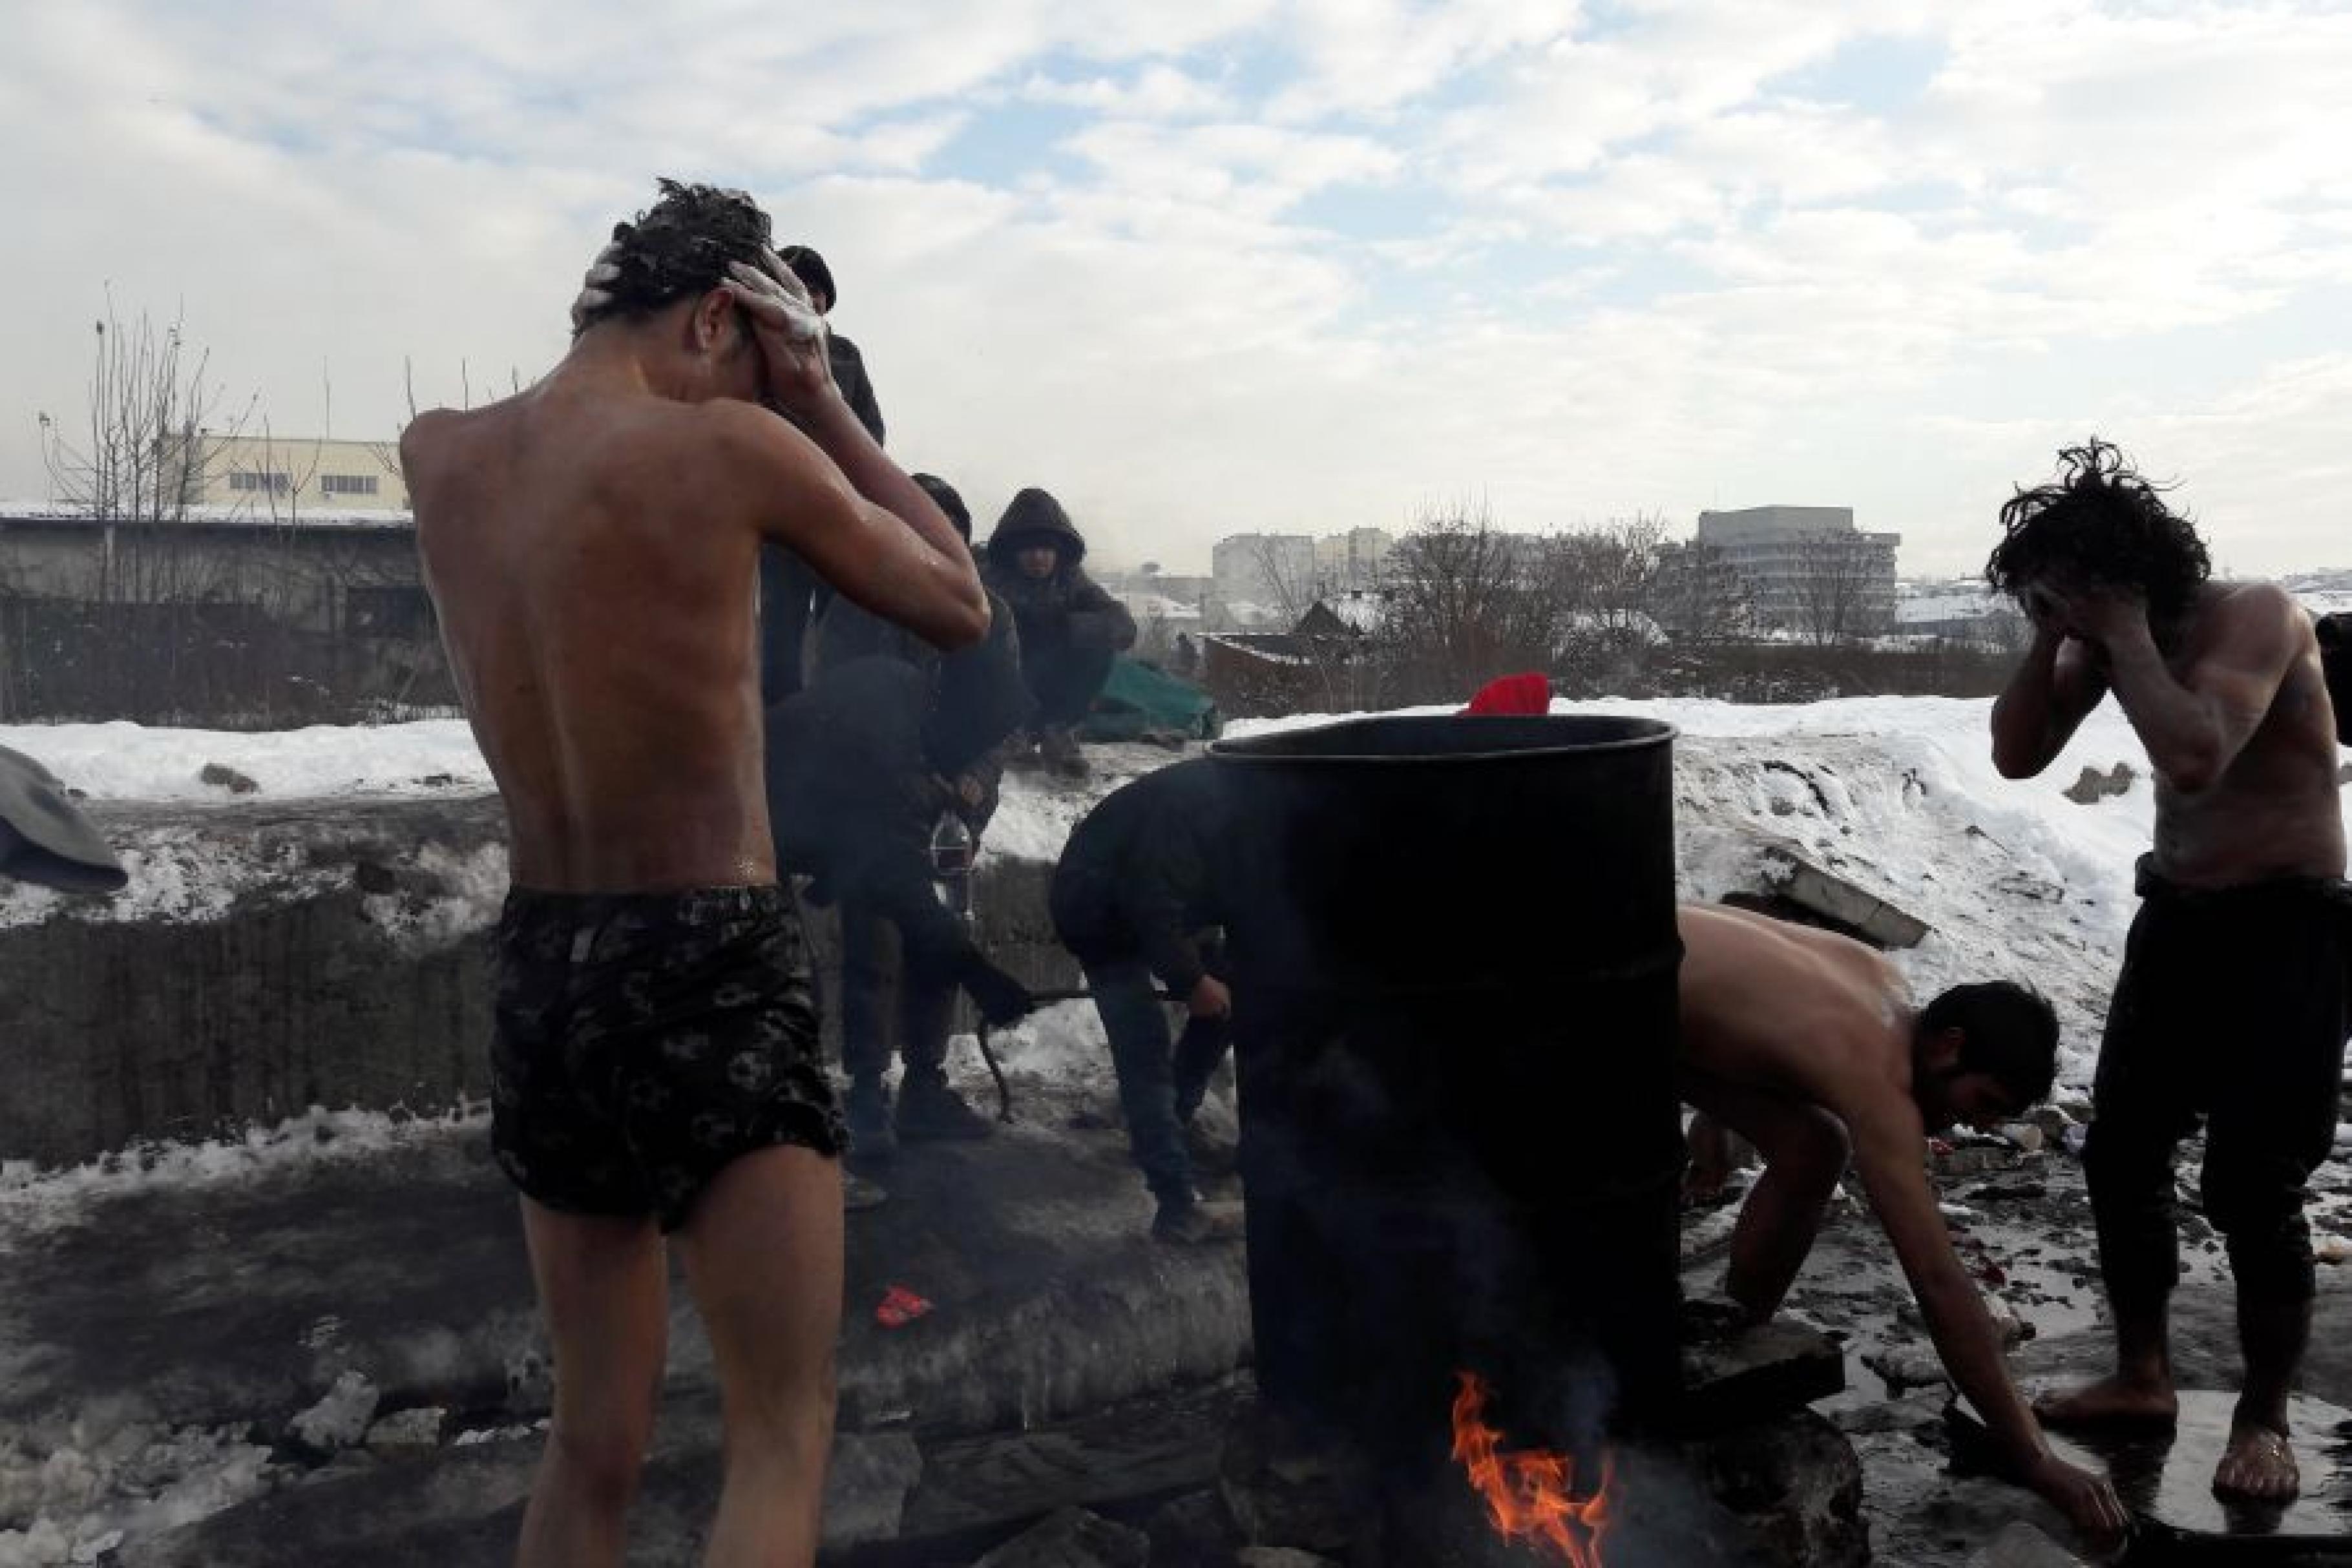 Männer stehen auf einer schneebedeckten Brachfläche um eine Feuertonne und waschen sich